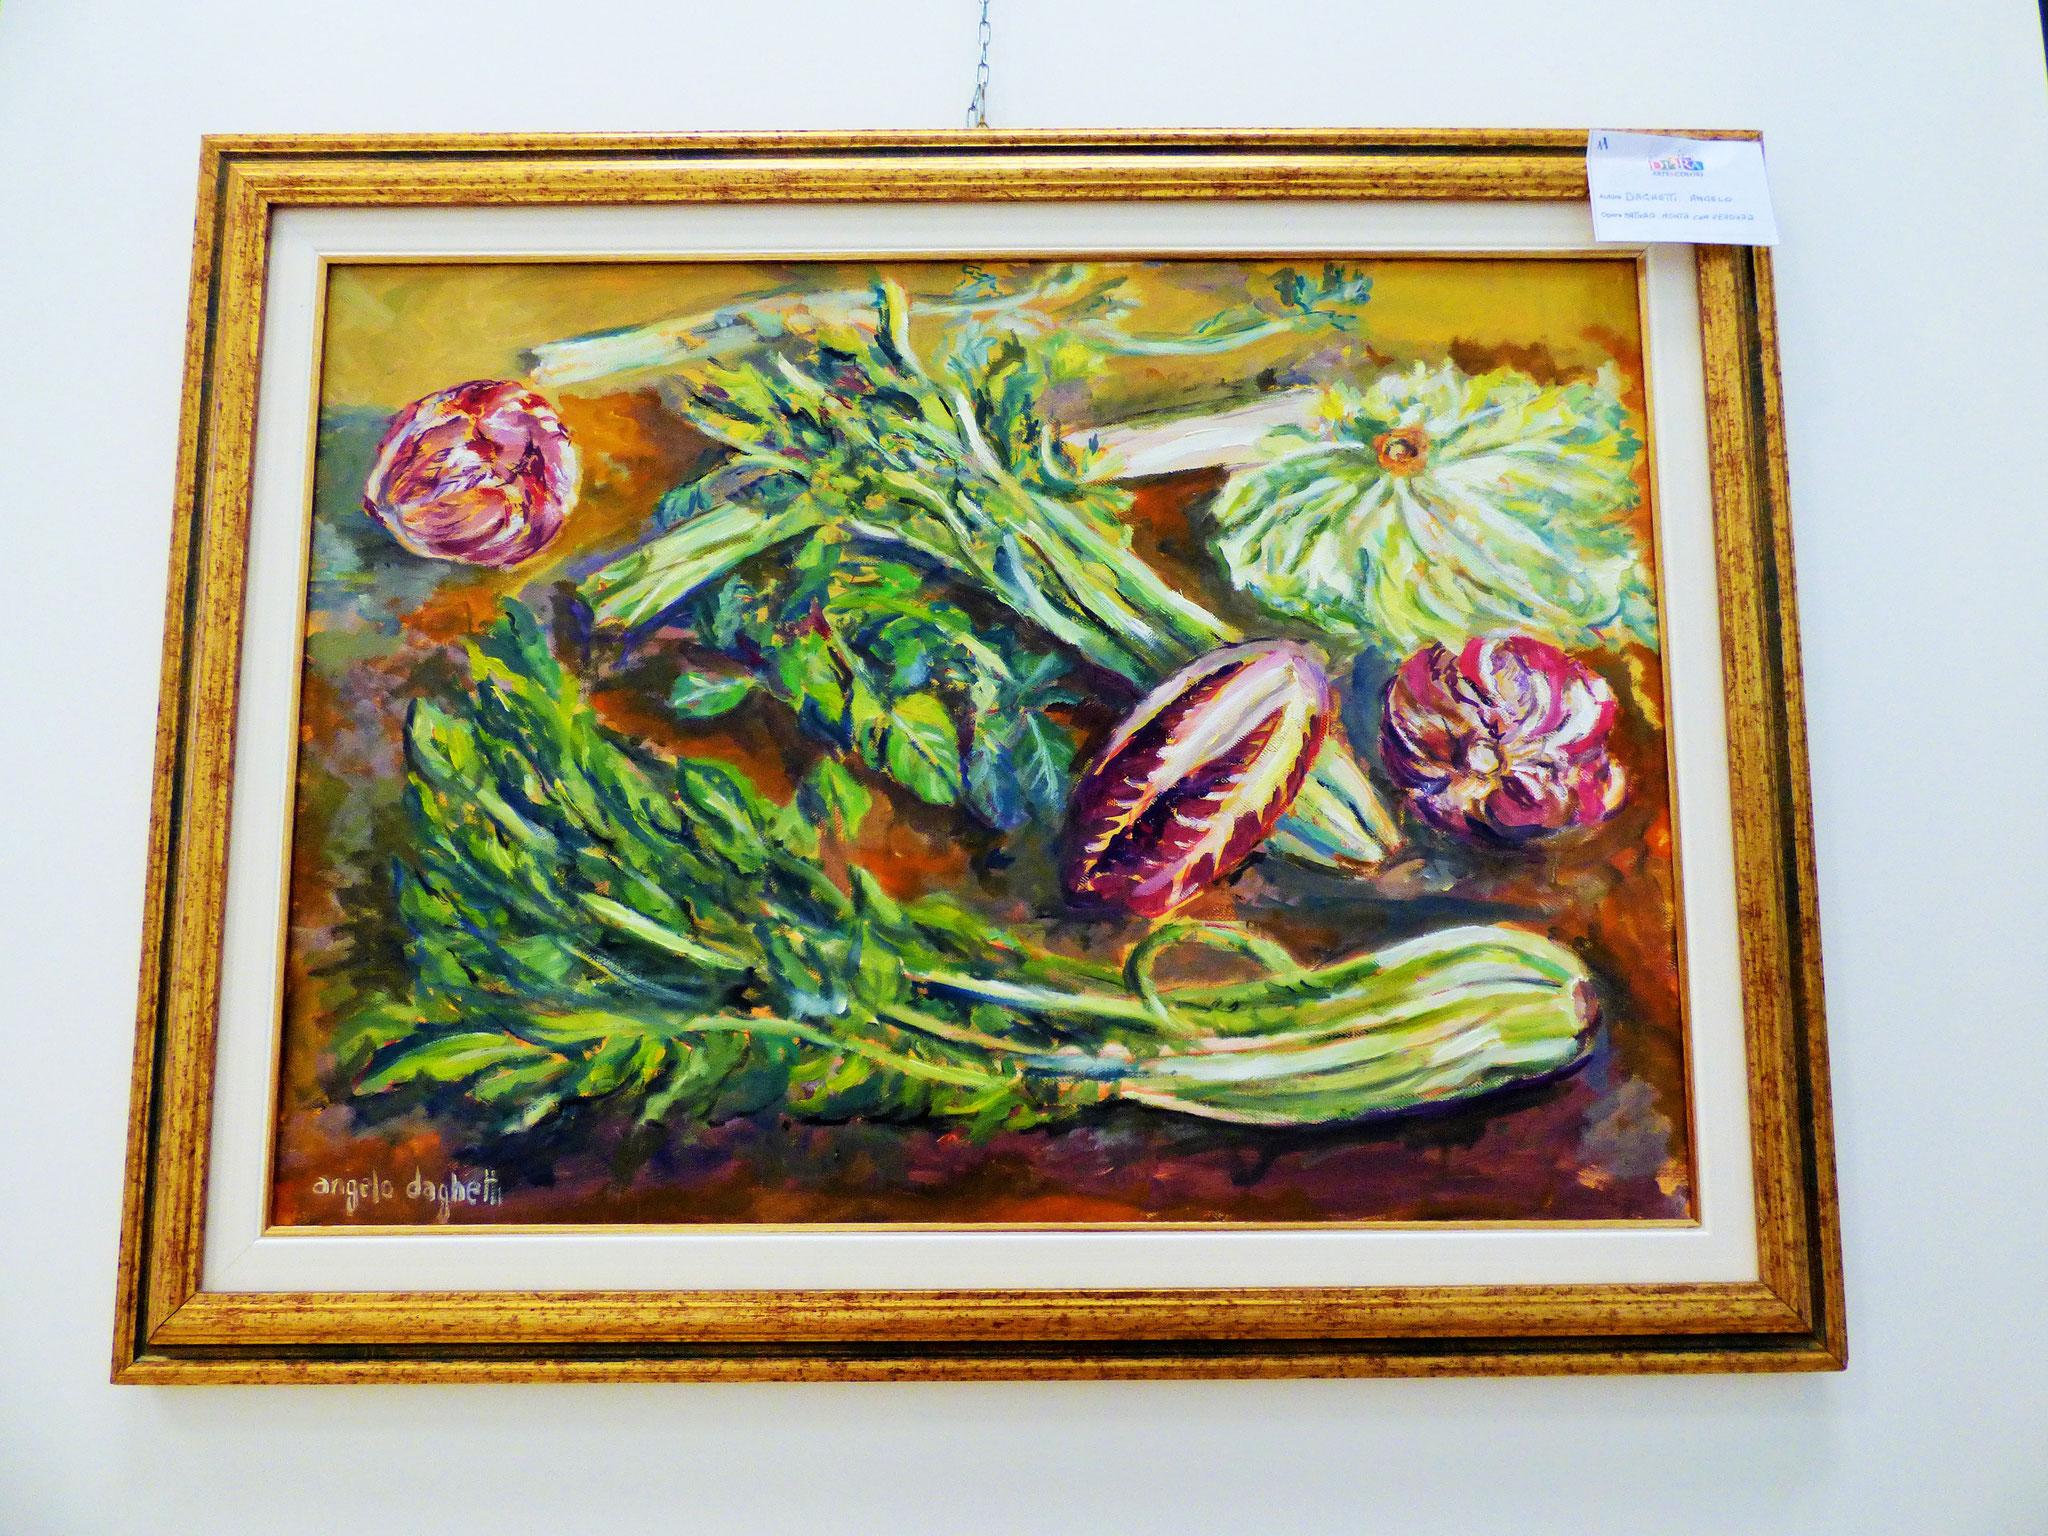 Rivergaro: DIARA Arte & Colori - IV concorso di Pittura ed.2018 - Daghetti Angelo - Natura Morta con Verdura